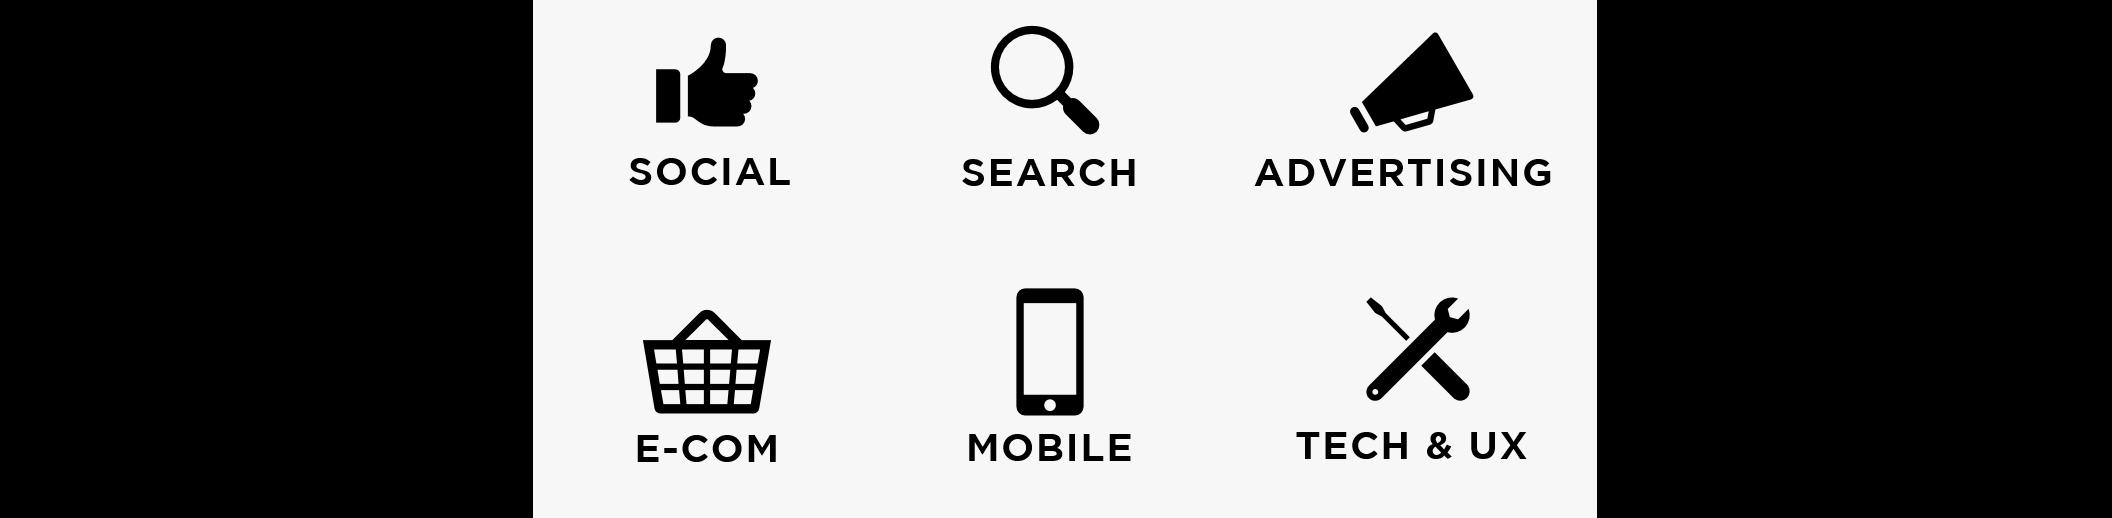 Unsere 6 Kategorien der Online Marketing Trends 2019